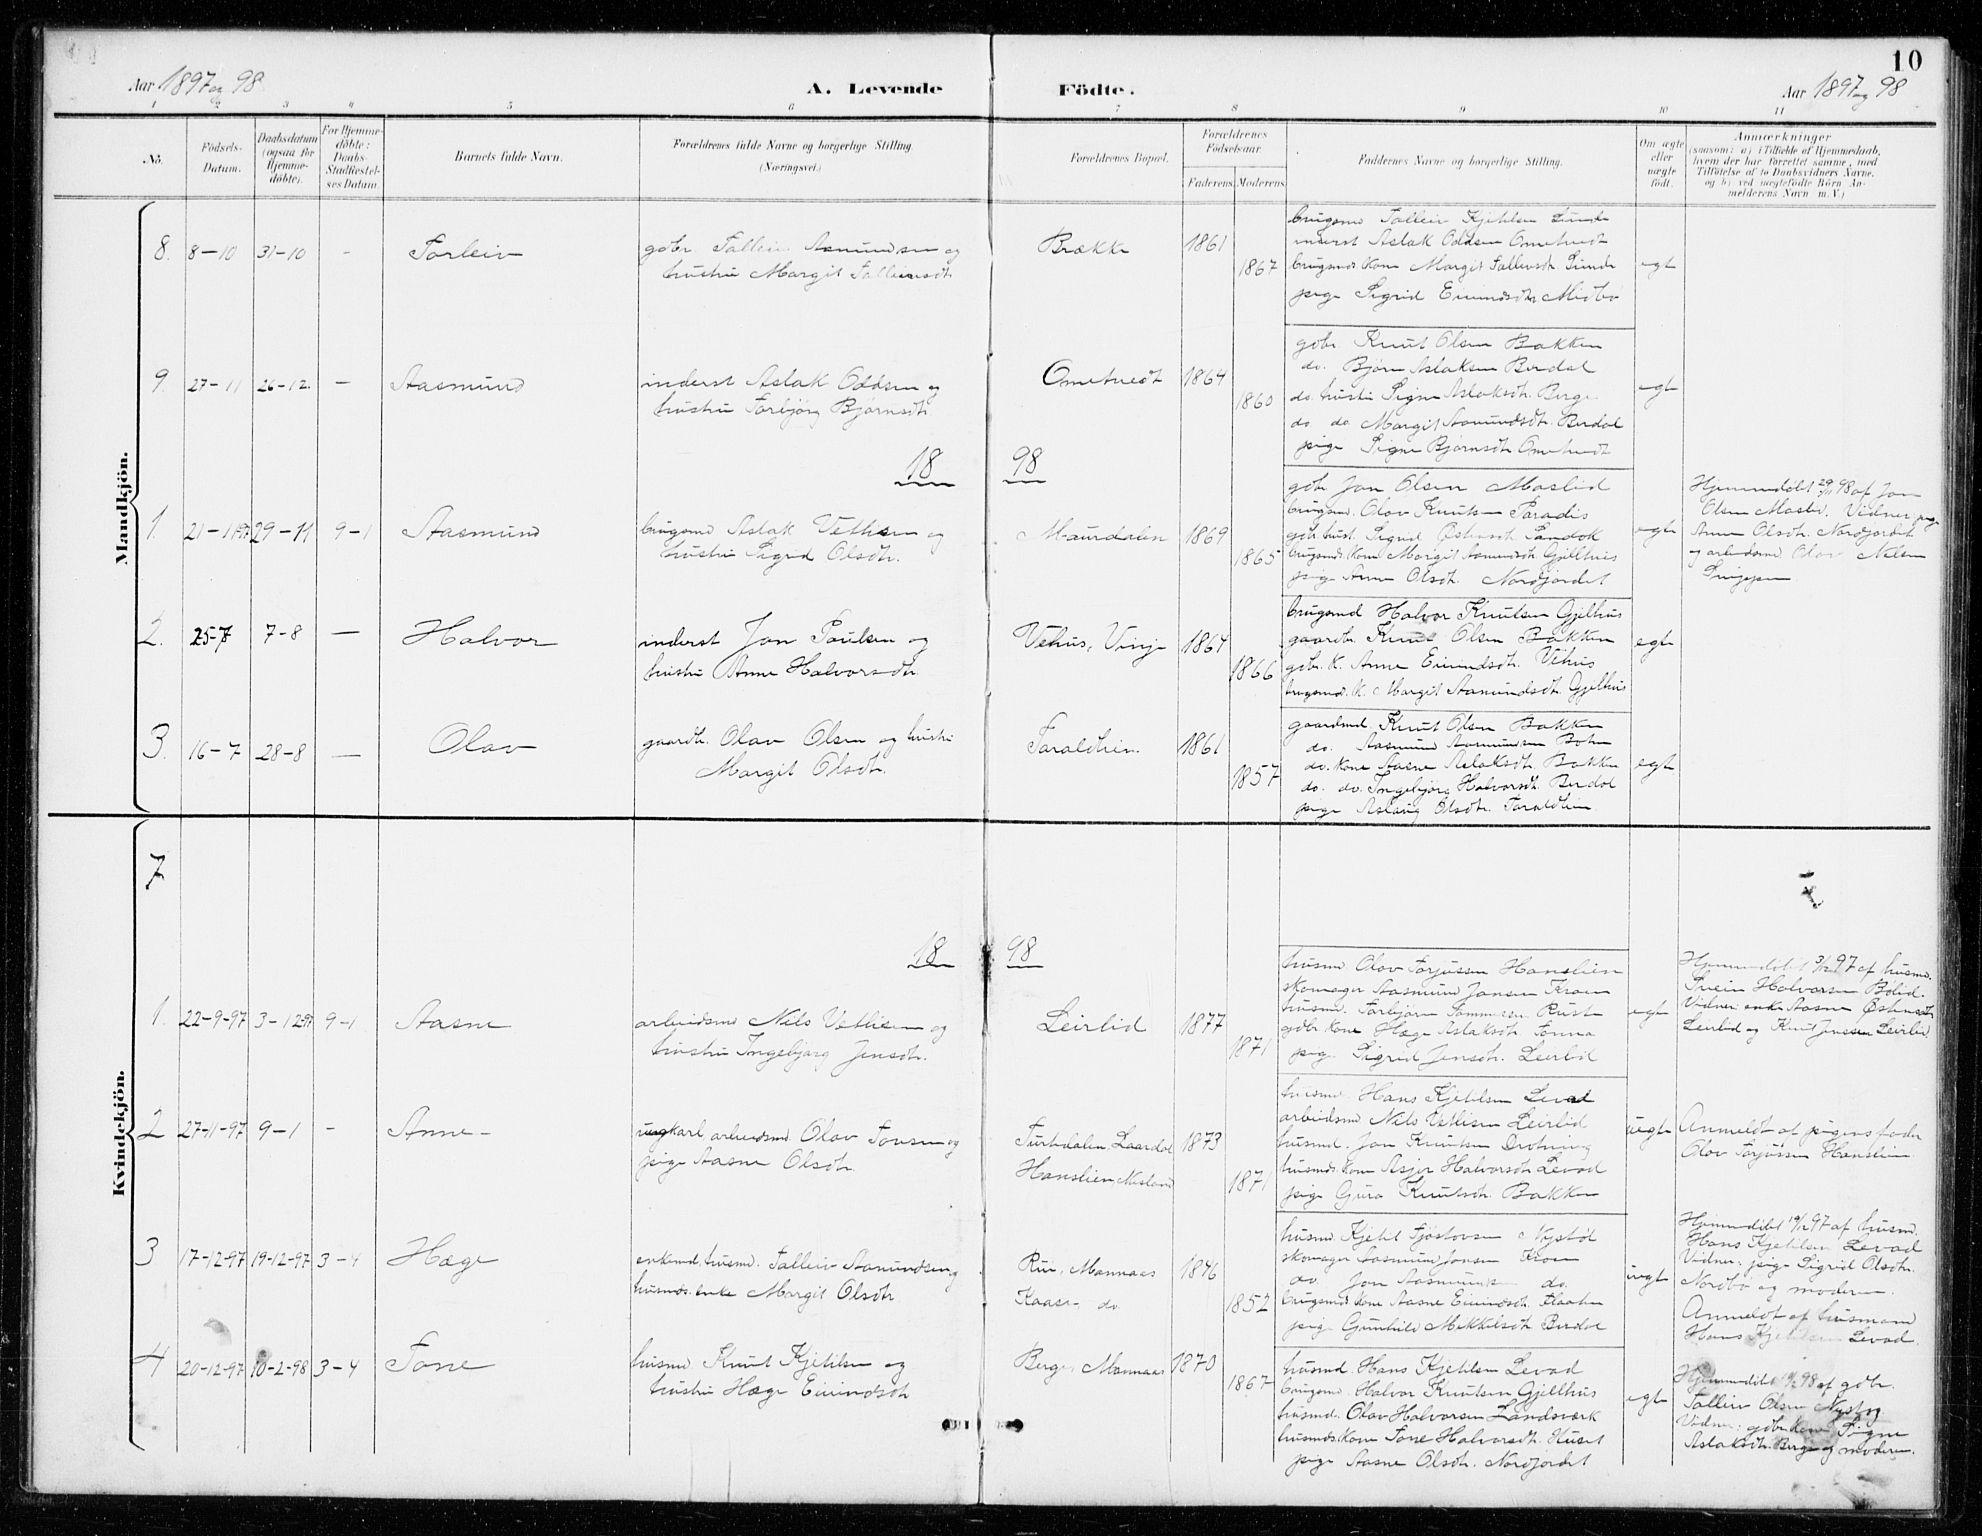 SAKO, Vinje kirkebøker, G/Gb/L0003: Klokkerbok nr. II 3, 1892-1943, s. 10